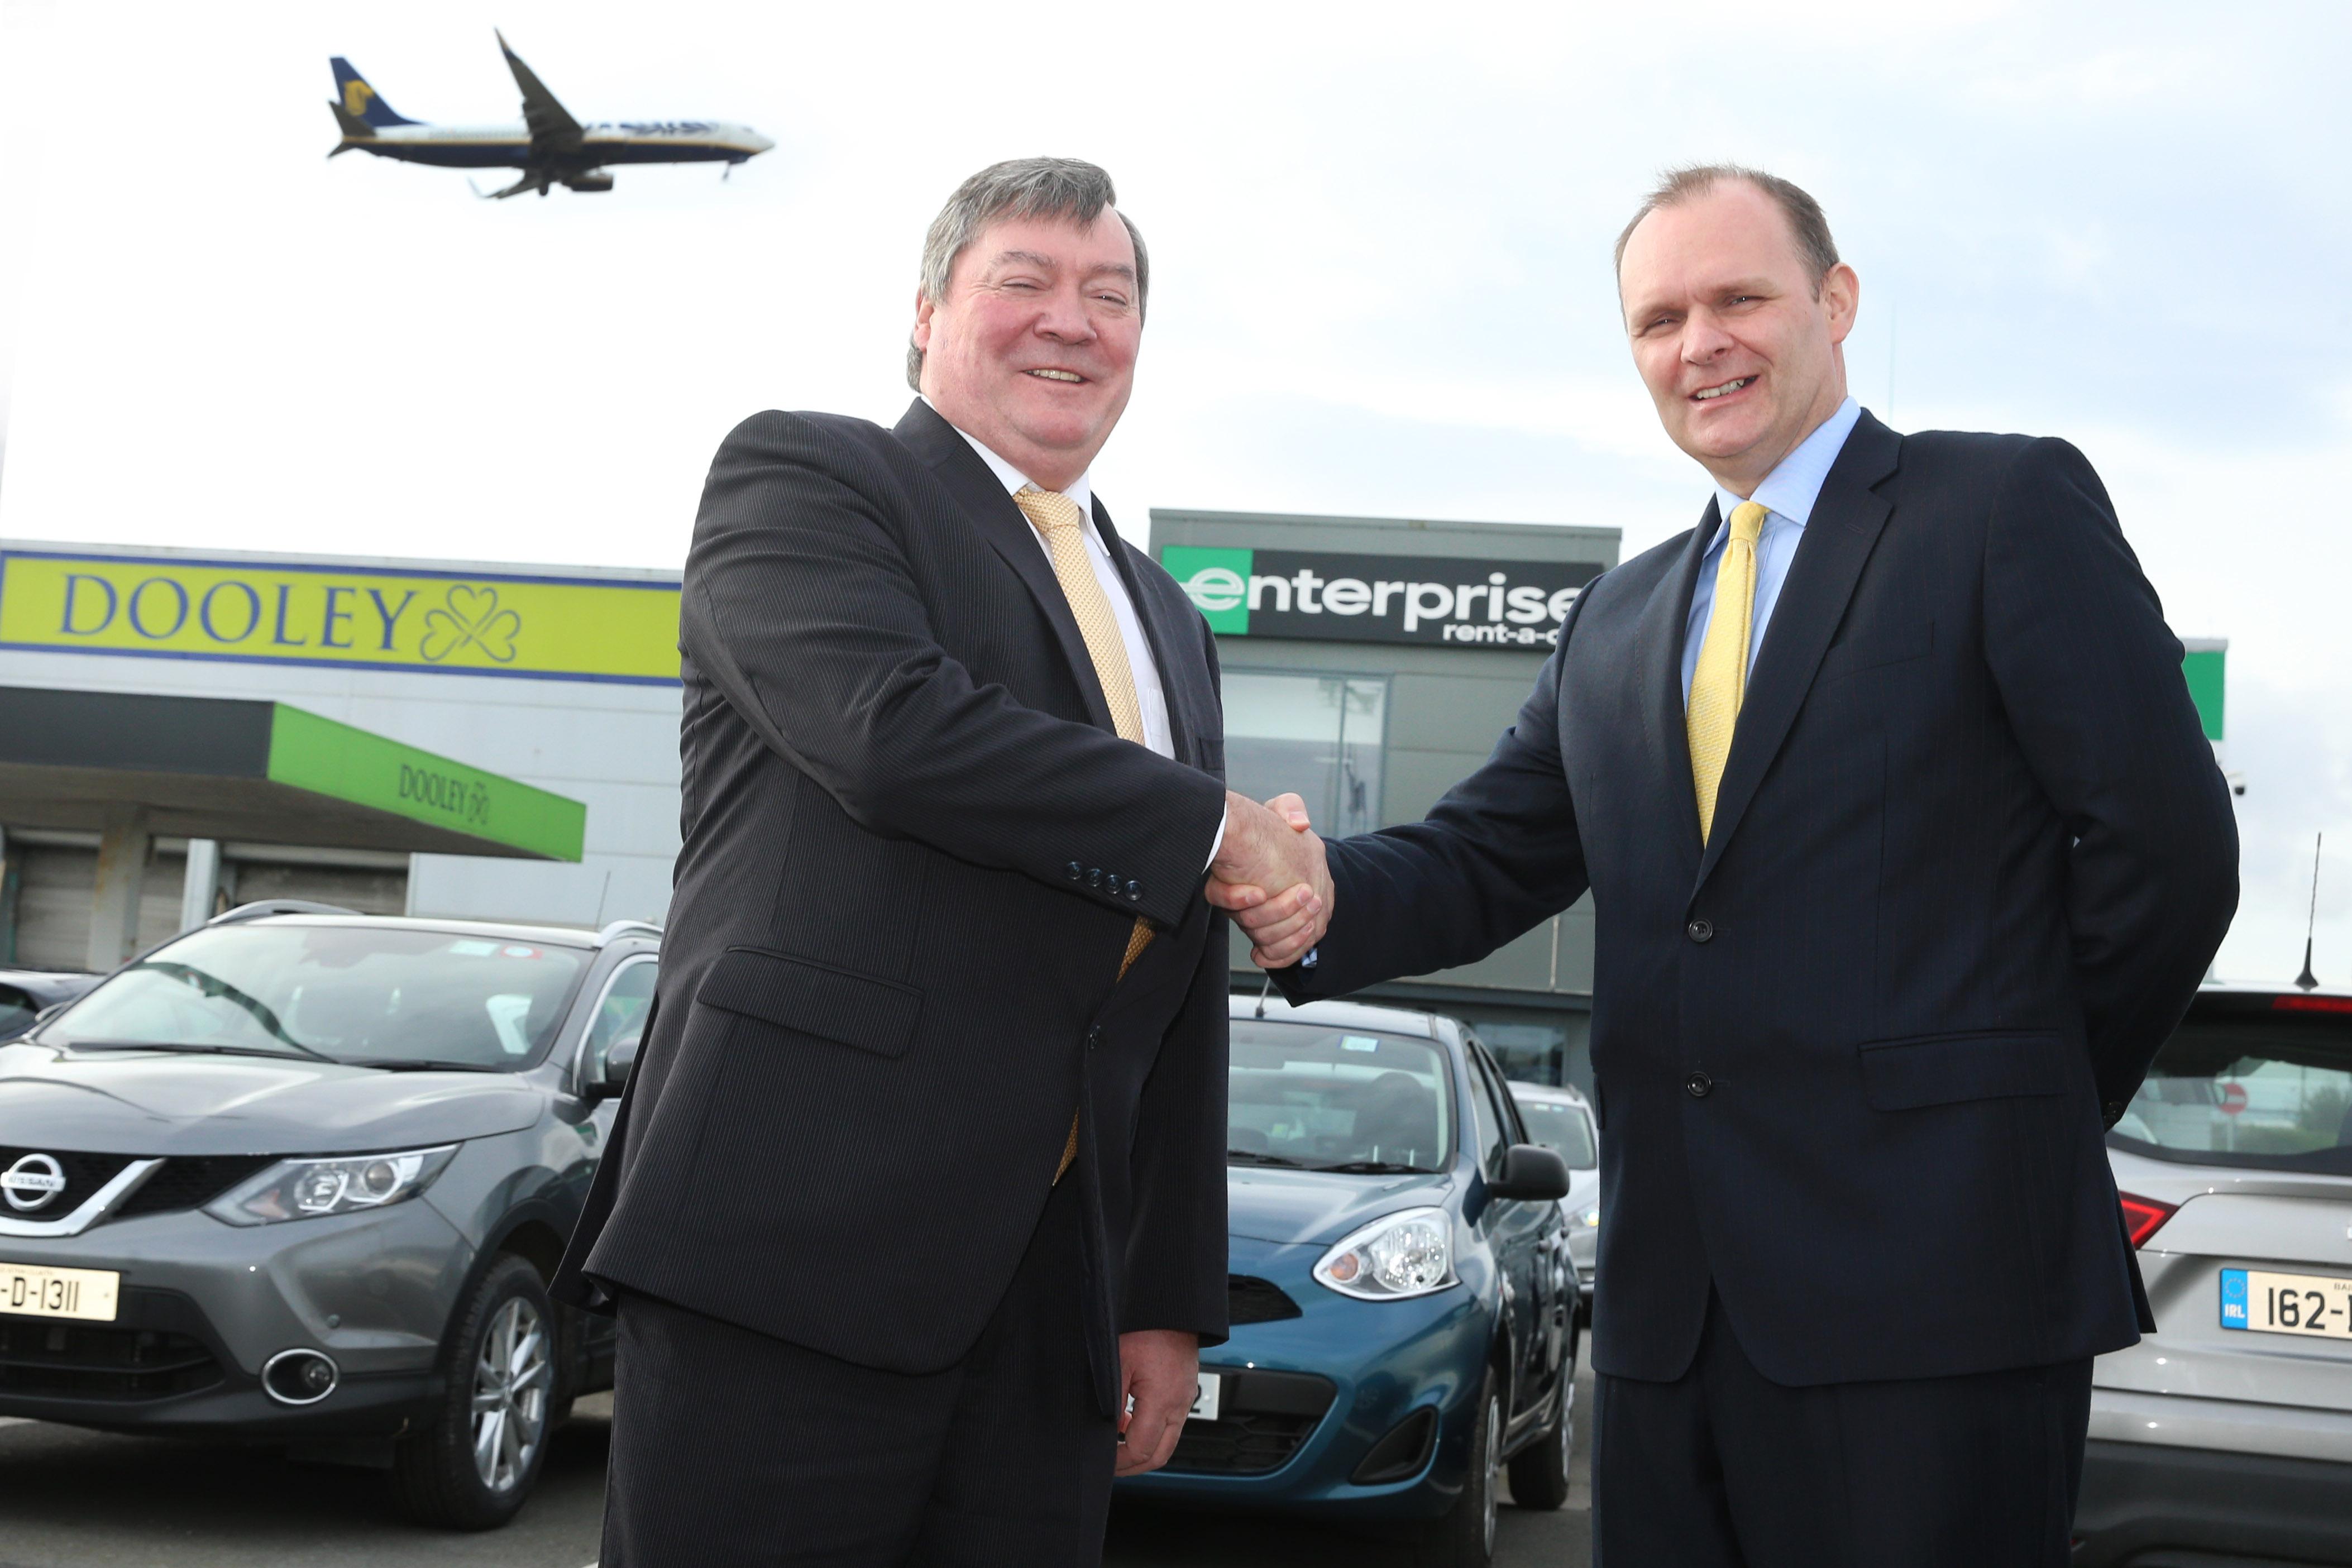 Dan Dooley Car Rental: Enterprise Rent-A-Car Ireland Acquires Dooley Brand